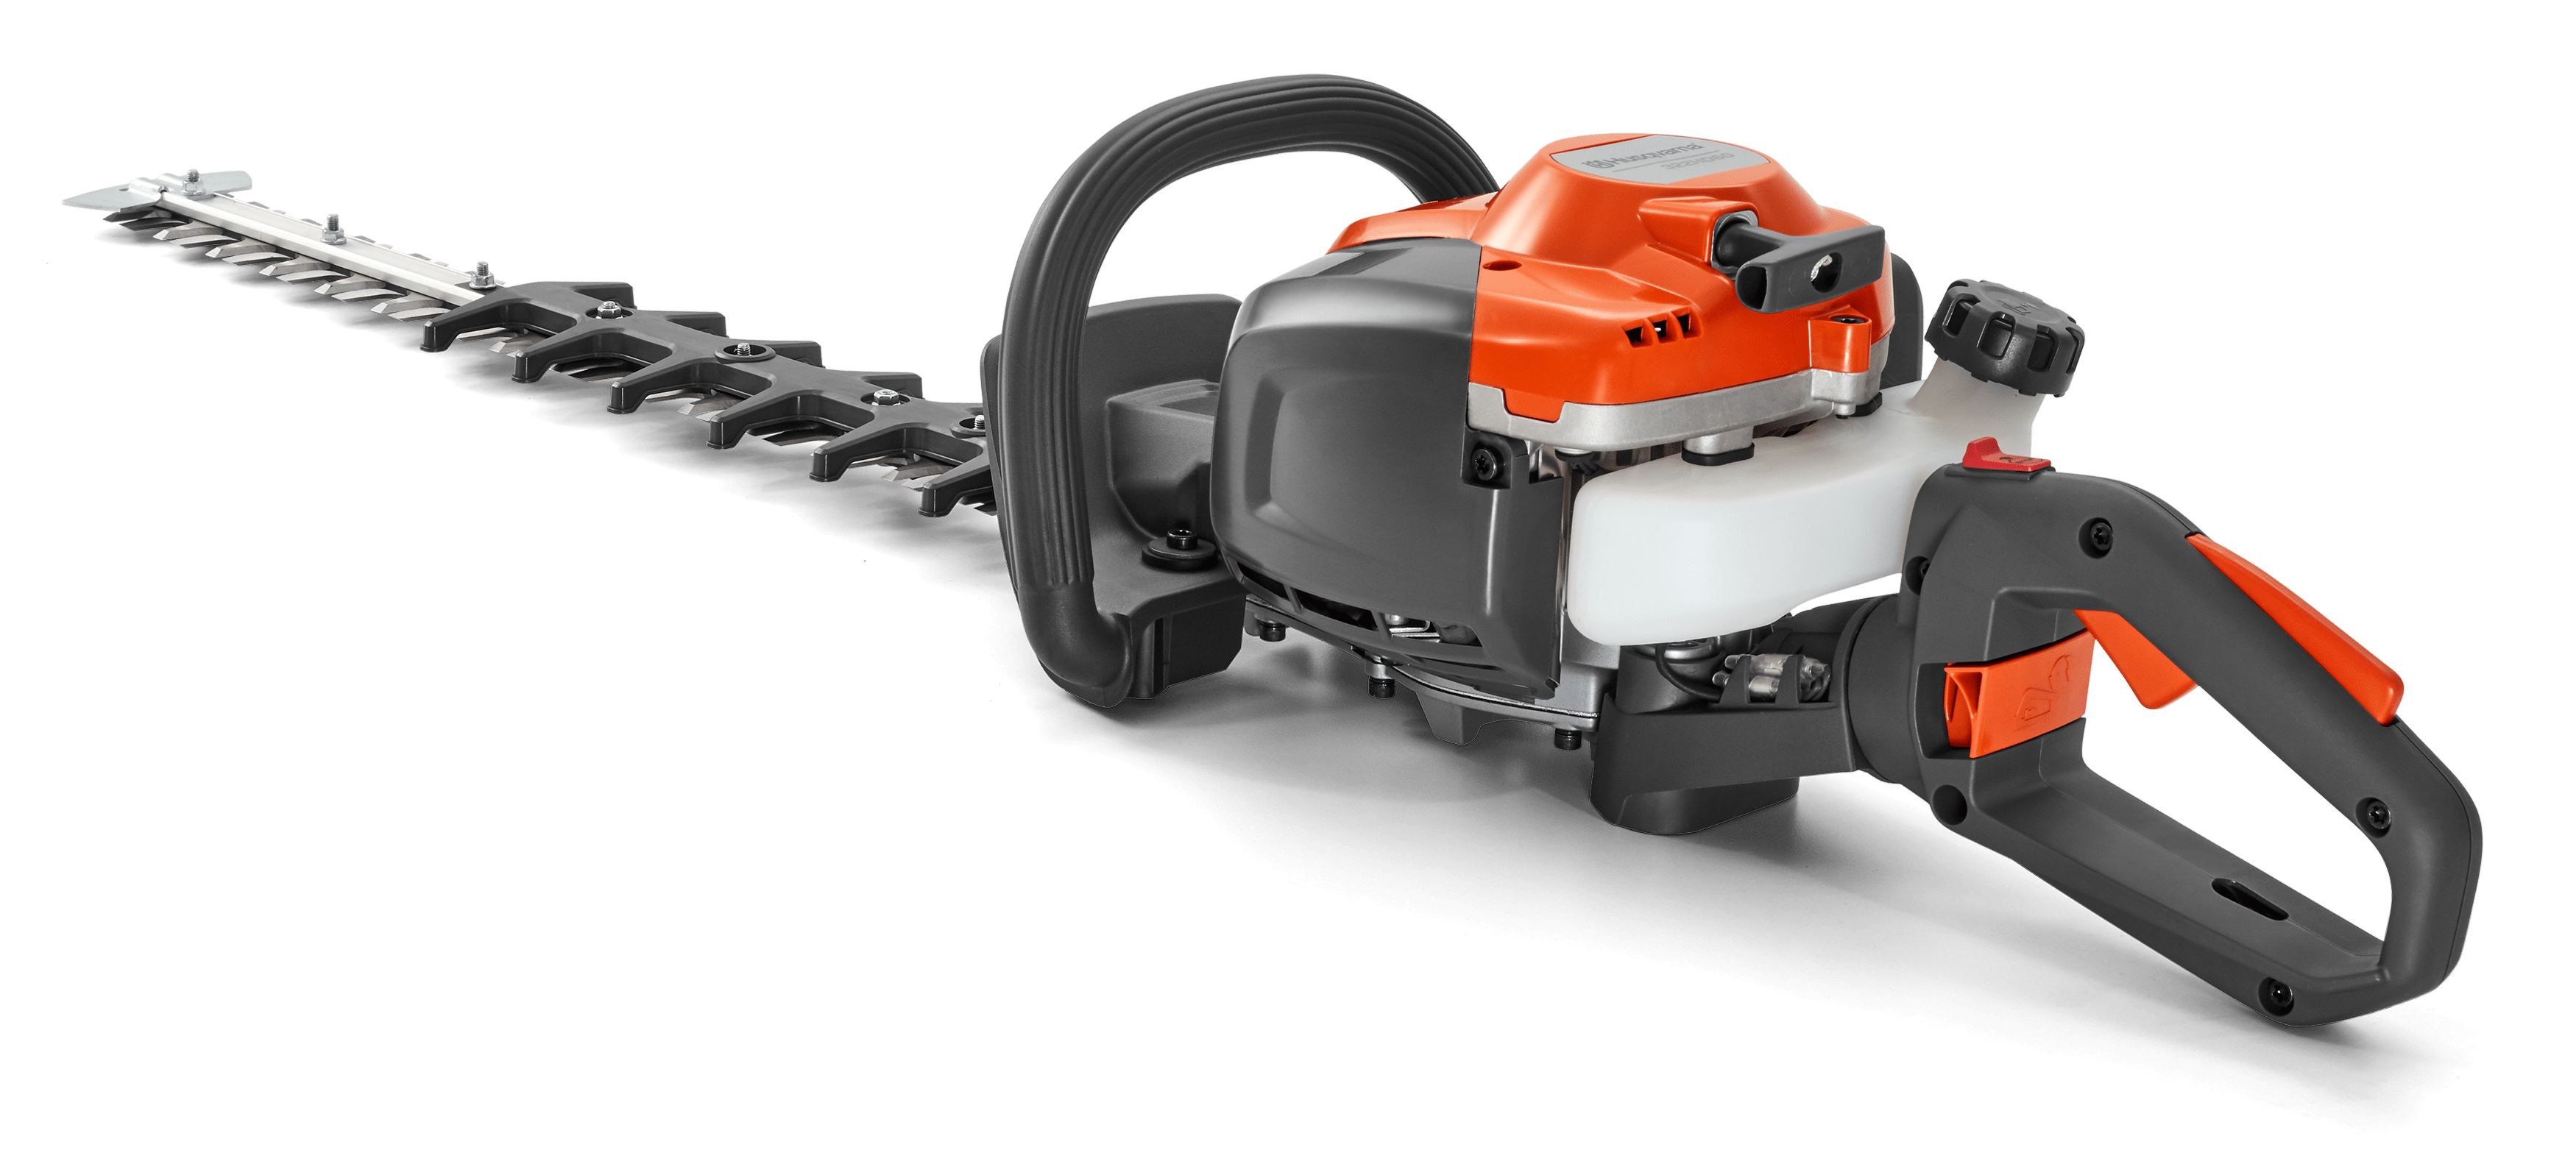 HUSQVARNA 322HD60 - V-Pro Power Equipment